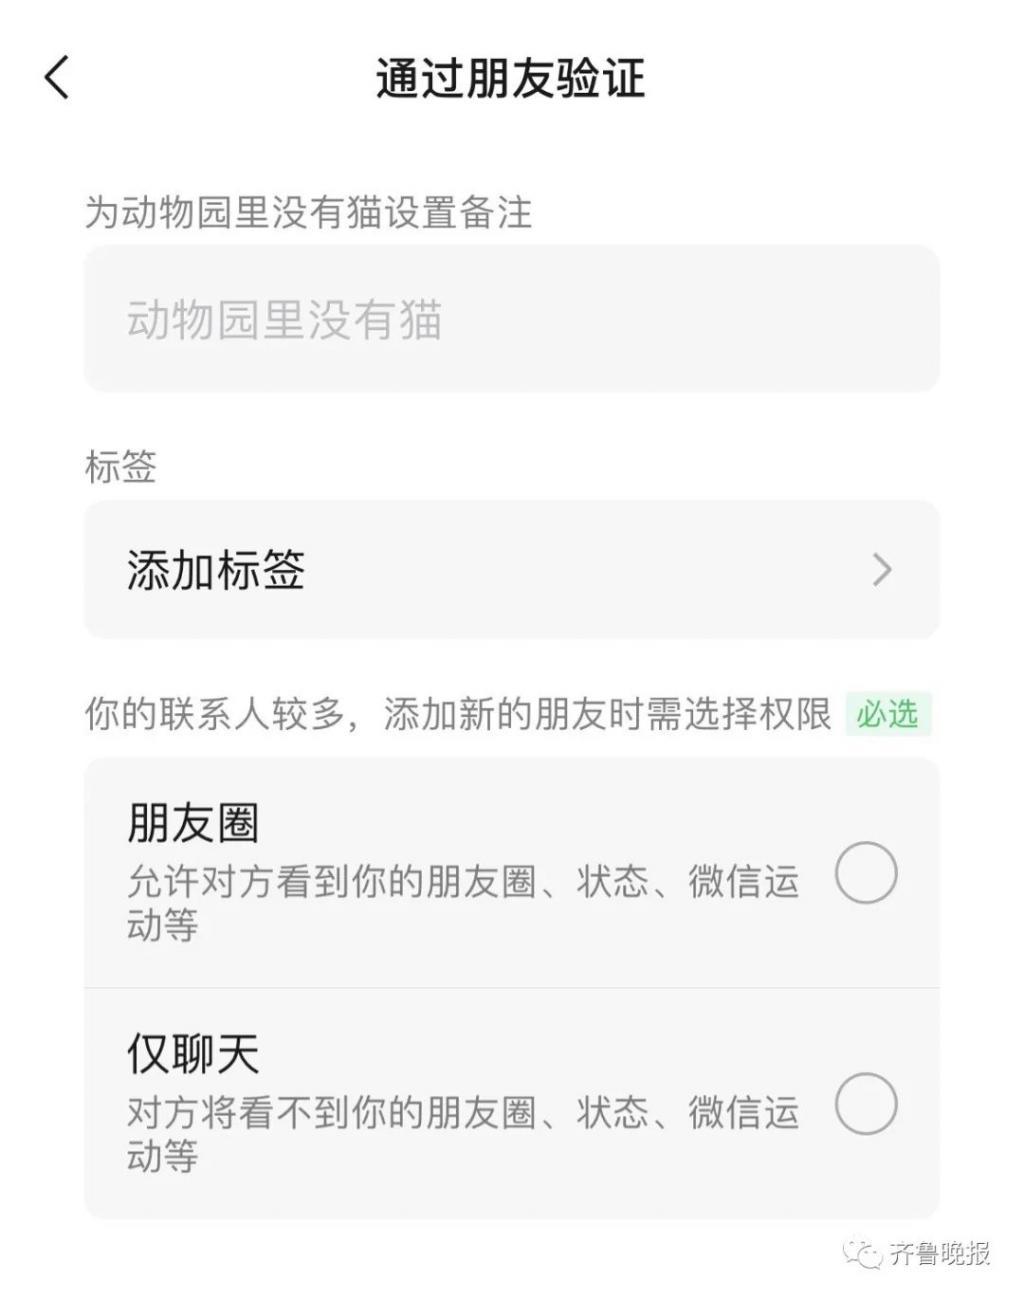 """新版微信:体验后场面一度""""爆炸""""  网友:社死进阶版"""